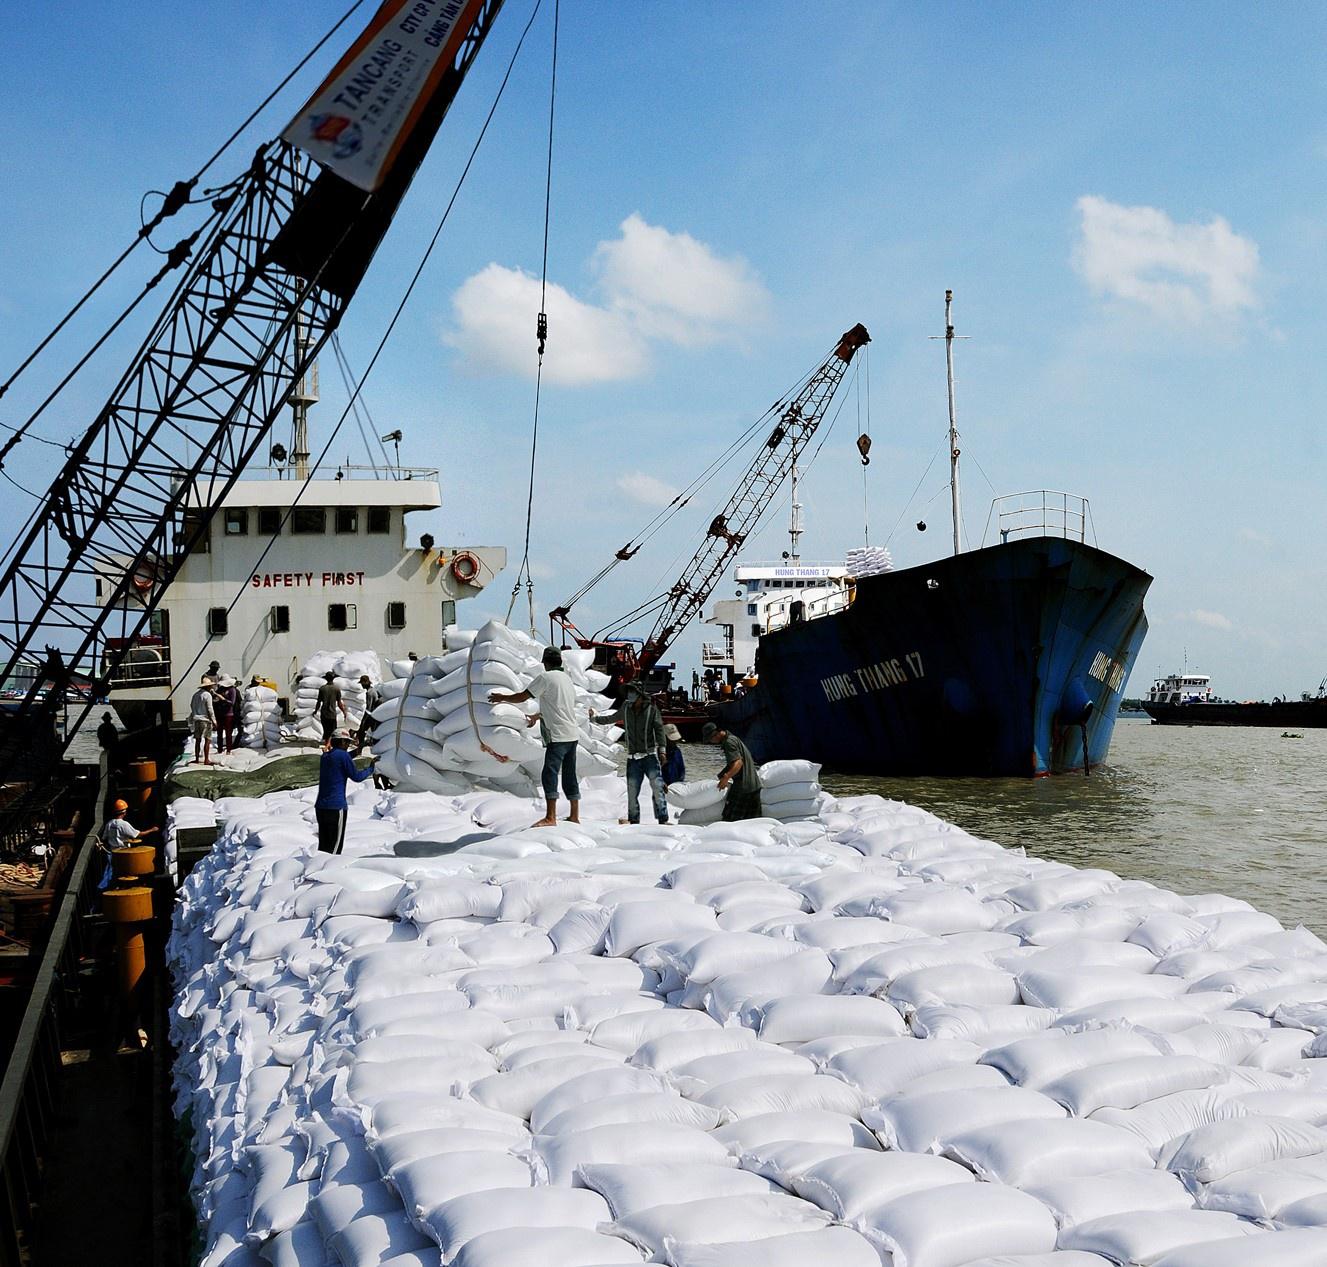 Giá gạo xuất khẩu tăng mạnh hinhhuynhthanhphong orvq